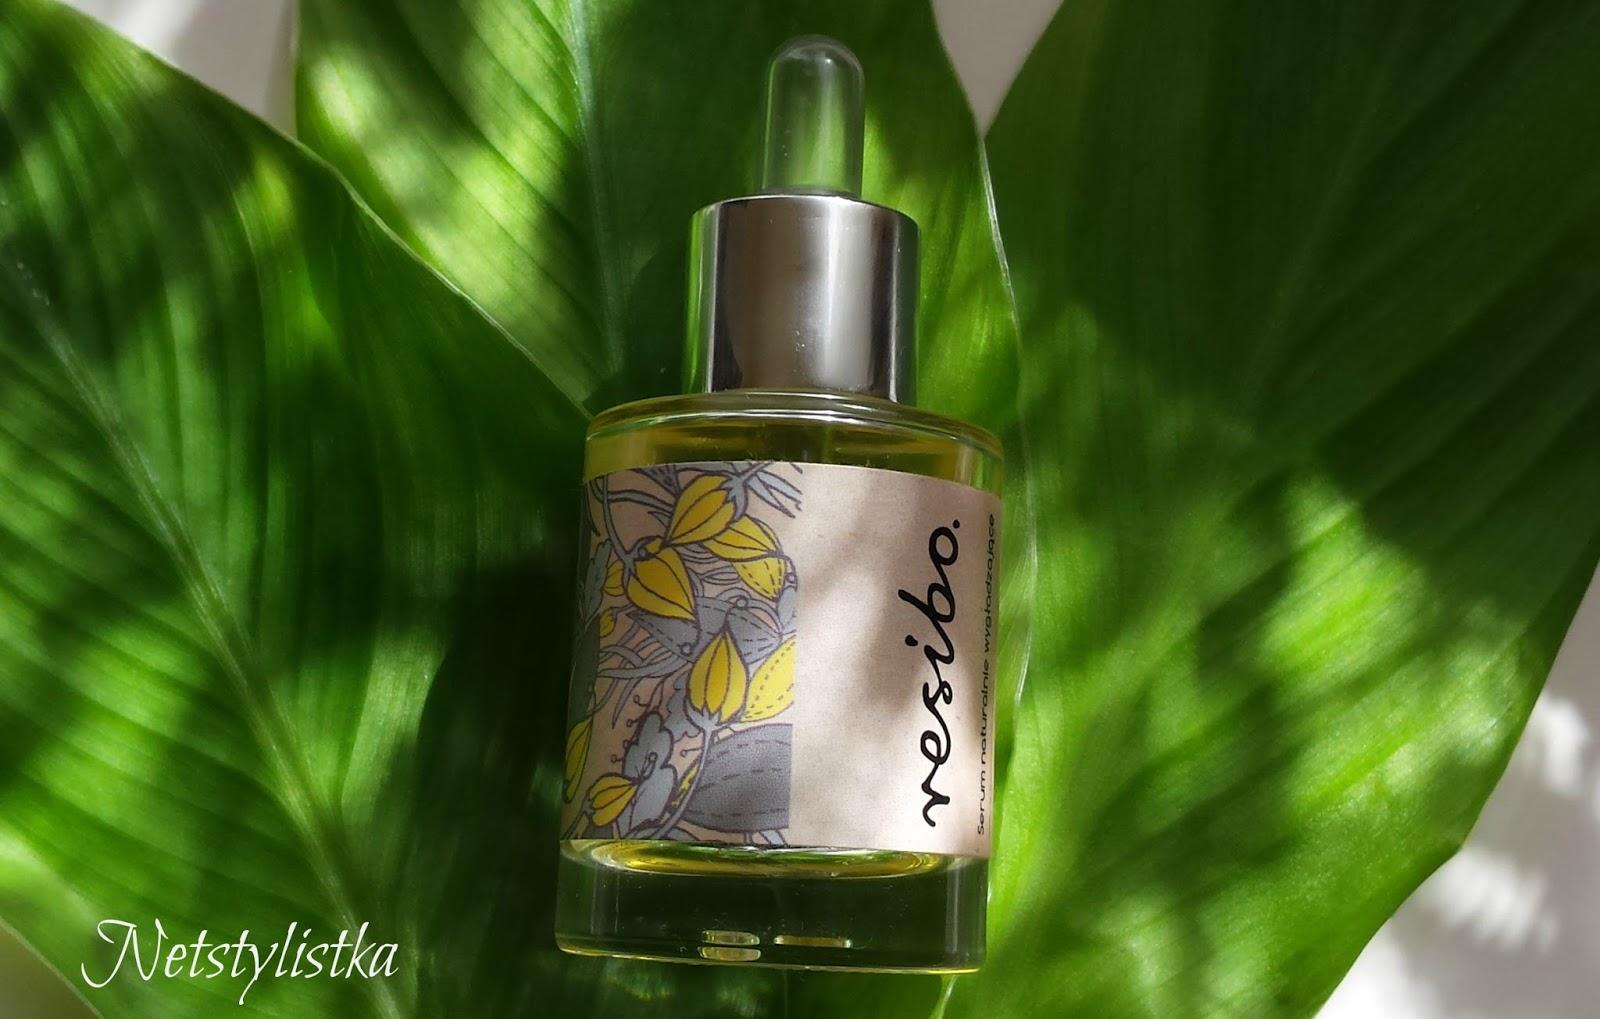 suero facial alisante de aceites naturales de la marca polaca Resibo, cosméticos polacos, cosméticos naturales, cosméticos ecológicos de Polonia